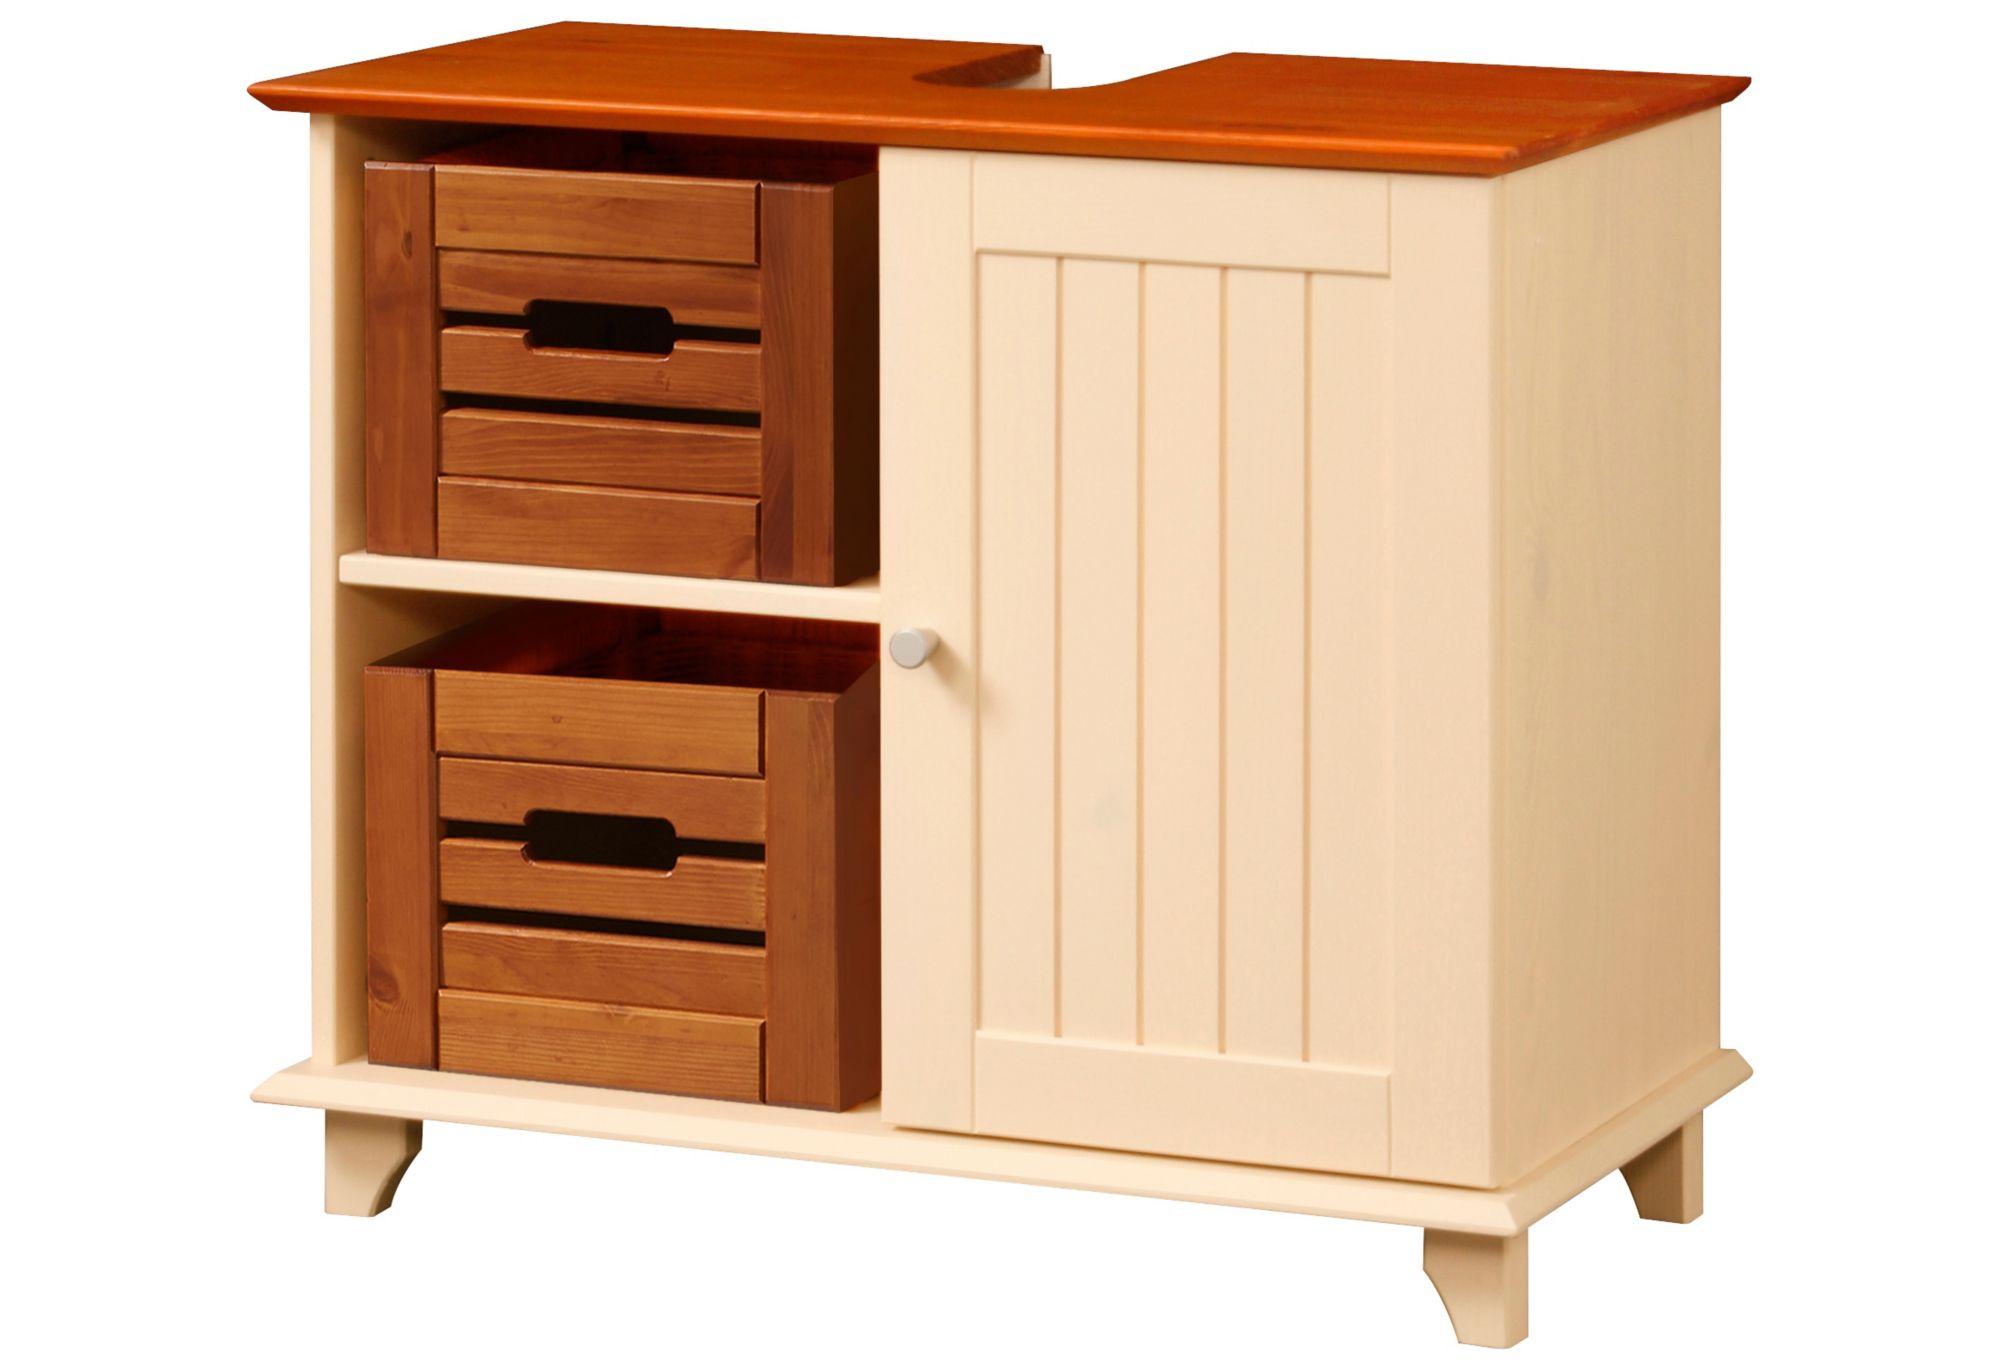 waschbeckenunterschrank venezia vanille waschbeckenunterschrank 65 breit g nstig kaufen. Black Bedroom Furniture Sets. Home Design Ideas